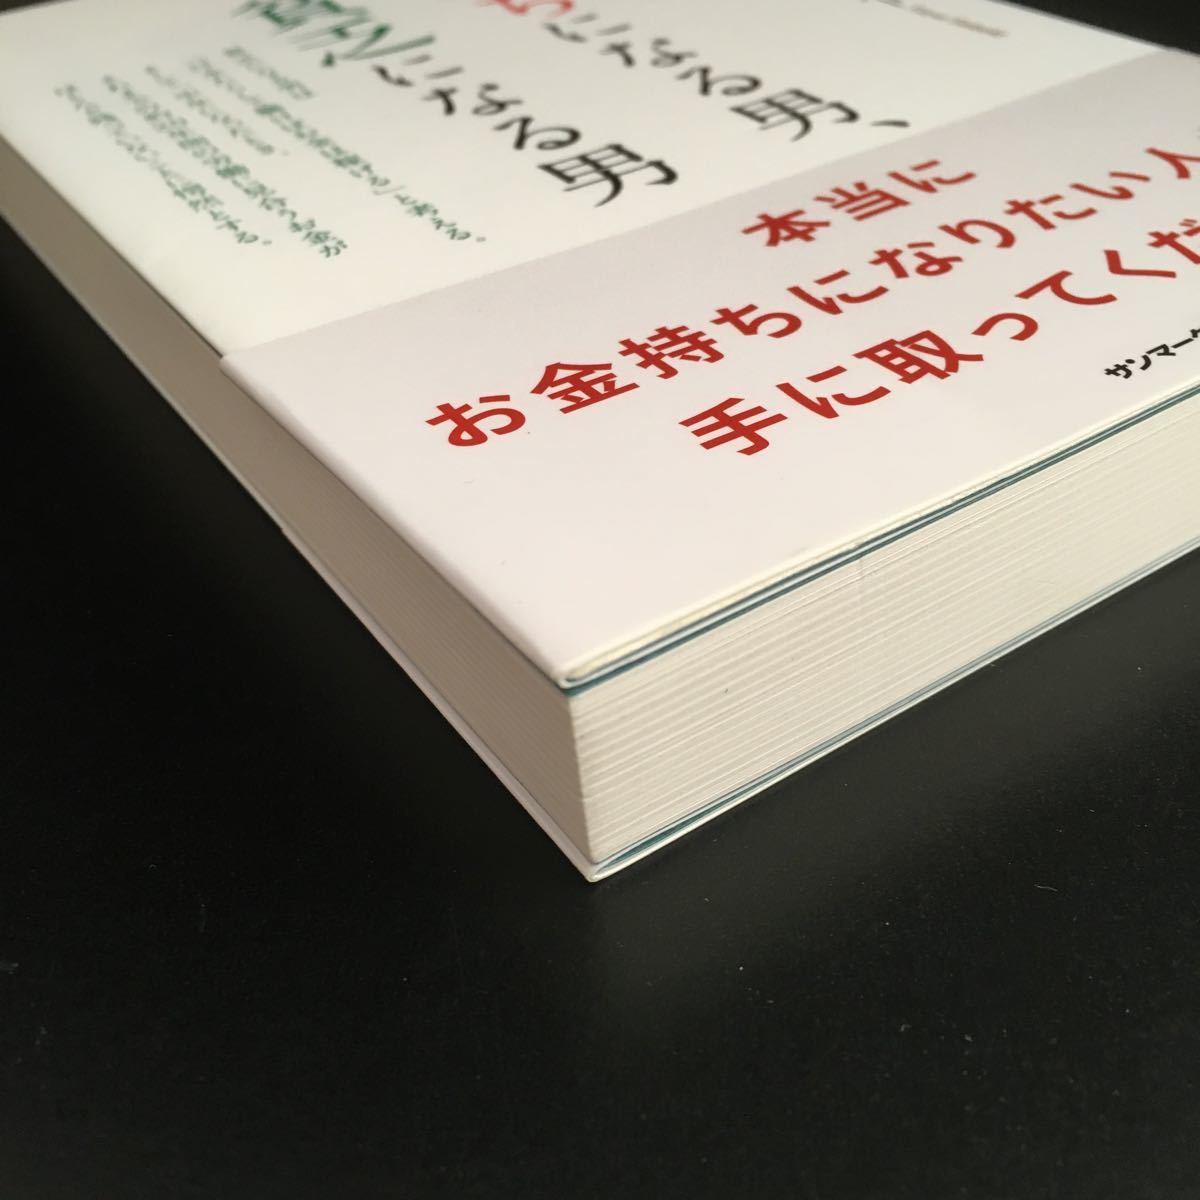 金持ちになる男、貧乏になる男/スティーブシーボルド 【著】 ,弓場隆 【訳】